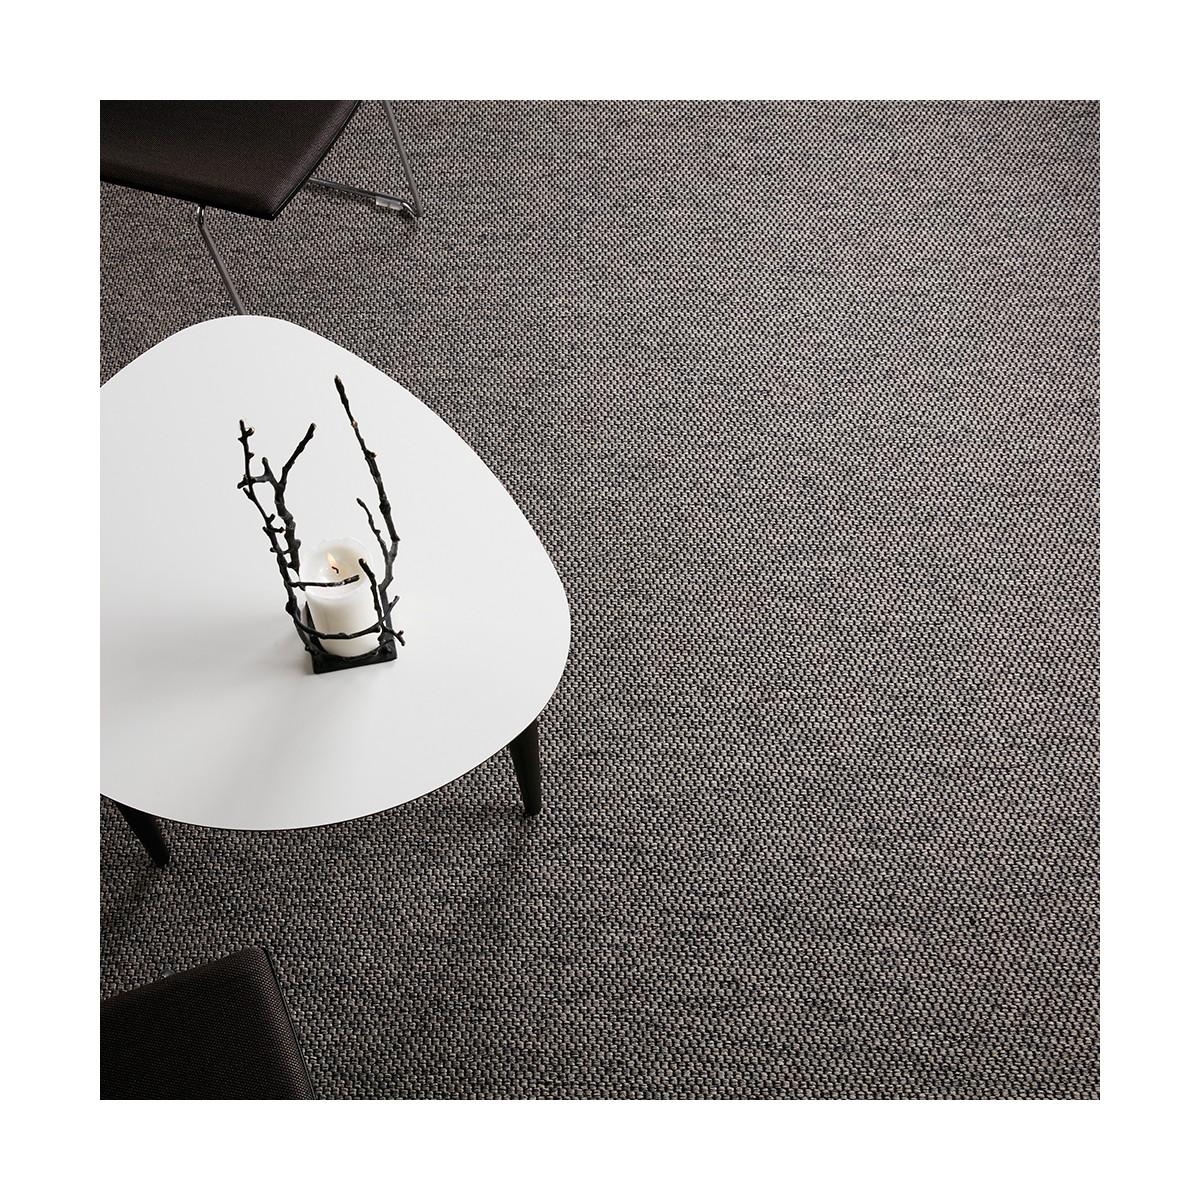 Fantastisk Væg til væg tæpper | Køb online her QS03